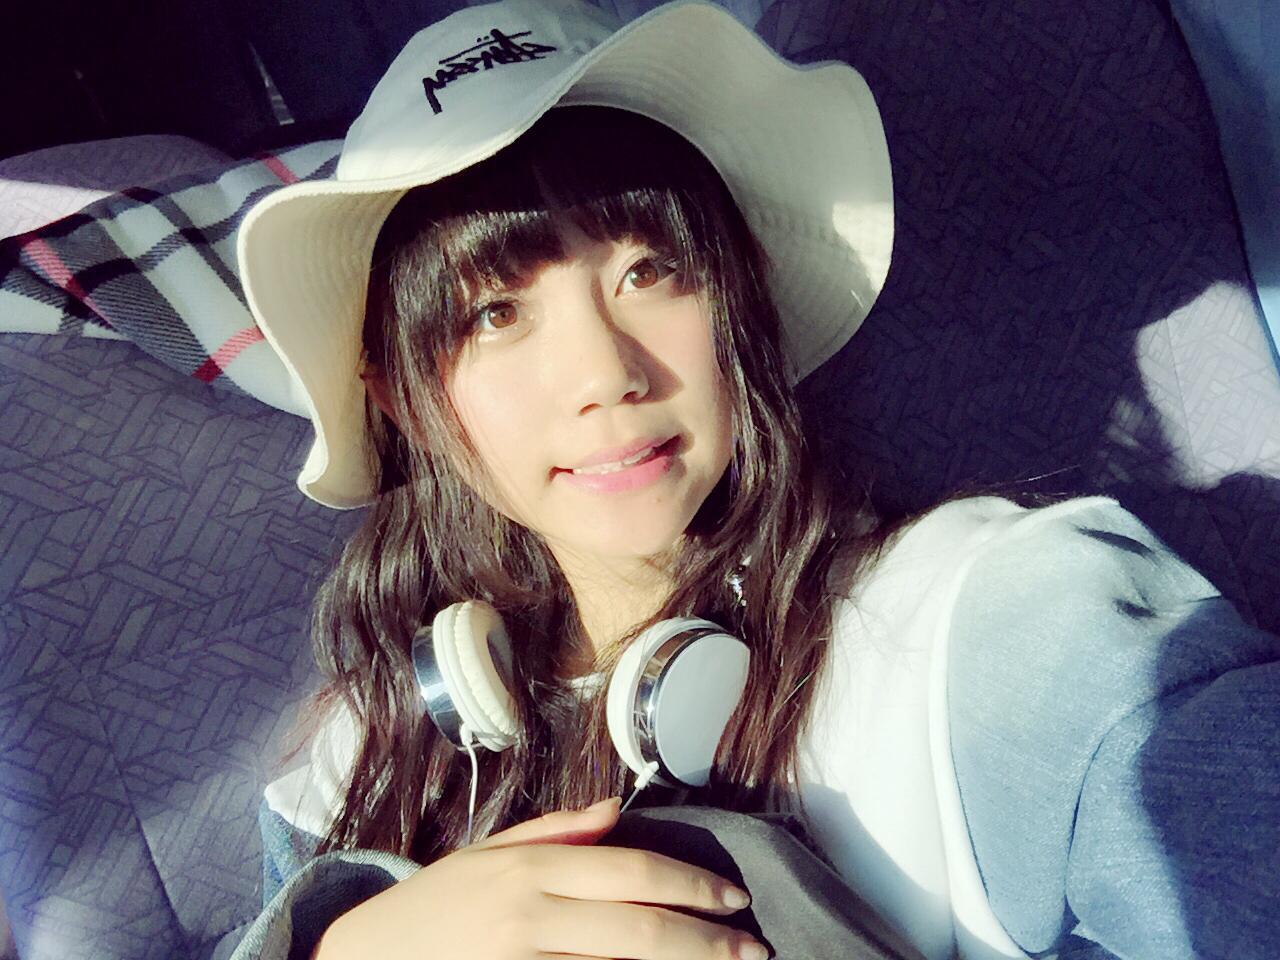 【NMB48】薮下柊応援スレッドpart48【しゅう】©2ch.netYouTube動画>73本 ->画像>1407枚